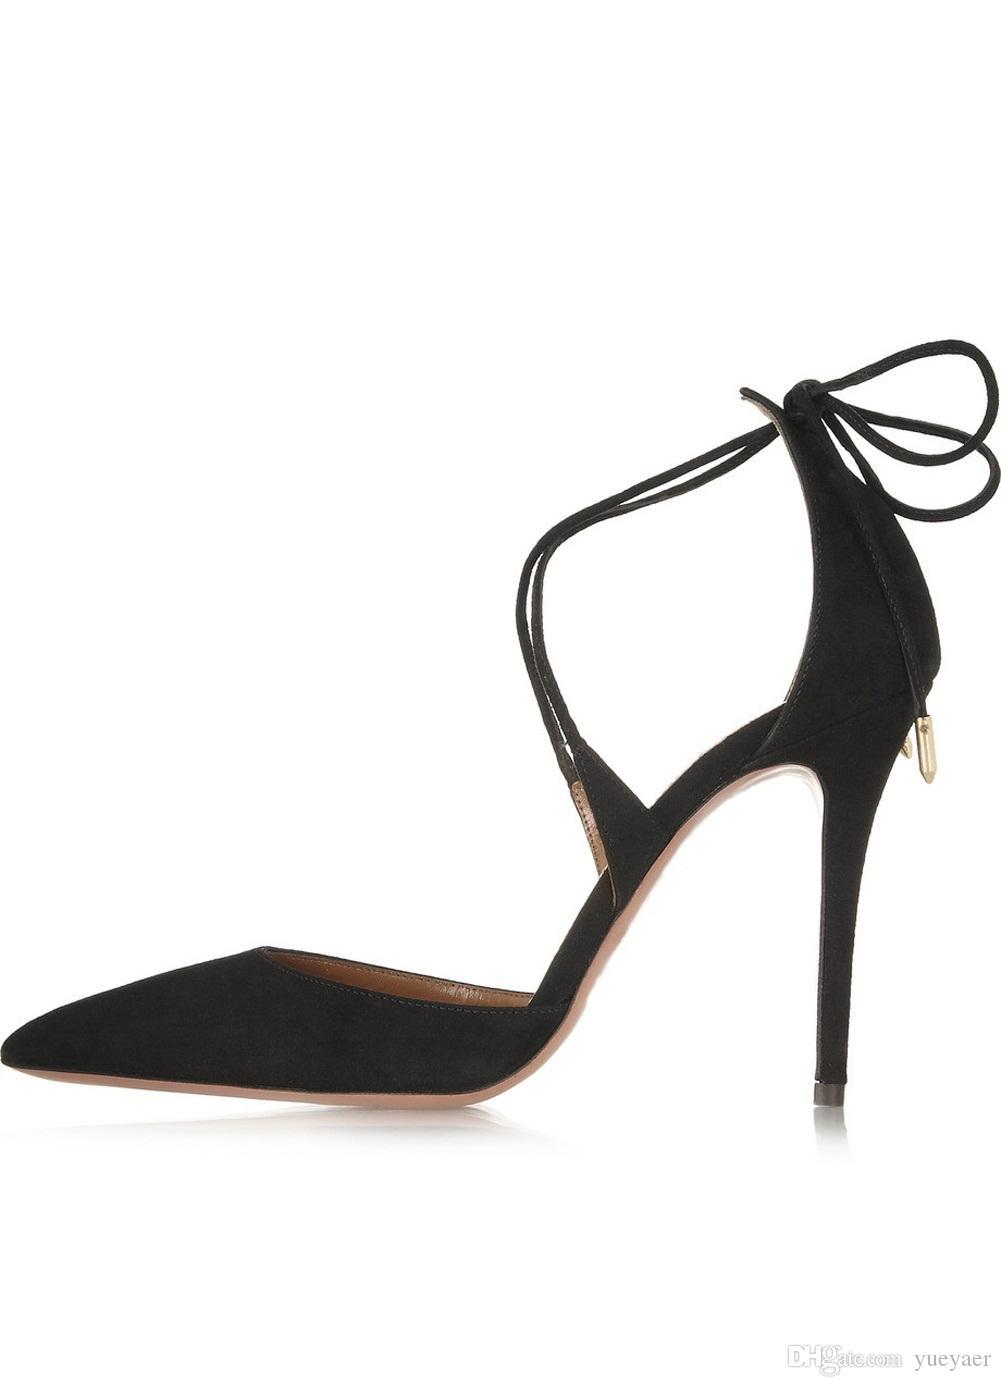 Zandina дамы мода ручной работы высокого 100мм каблук зашнуровать Crossstraps заостренной стороной носком сандалии обувь черный замша